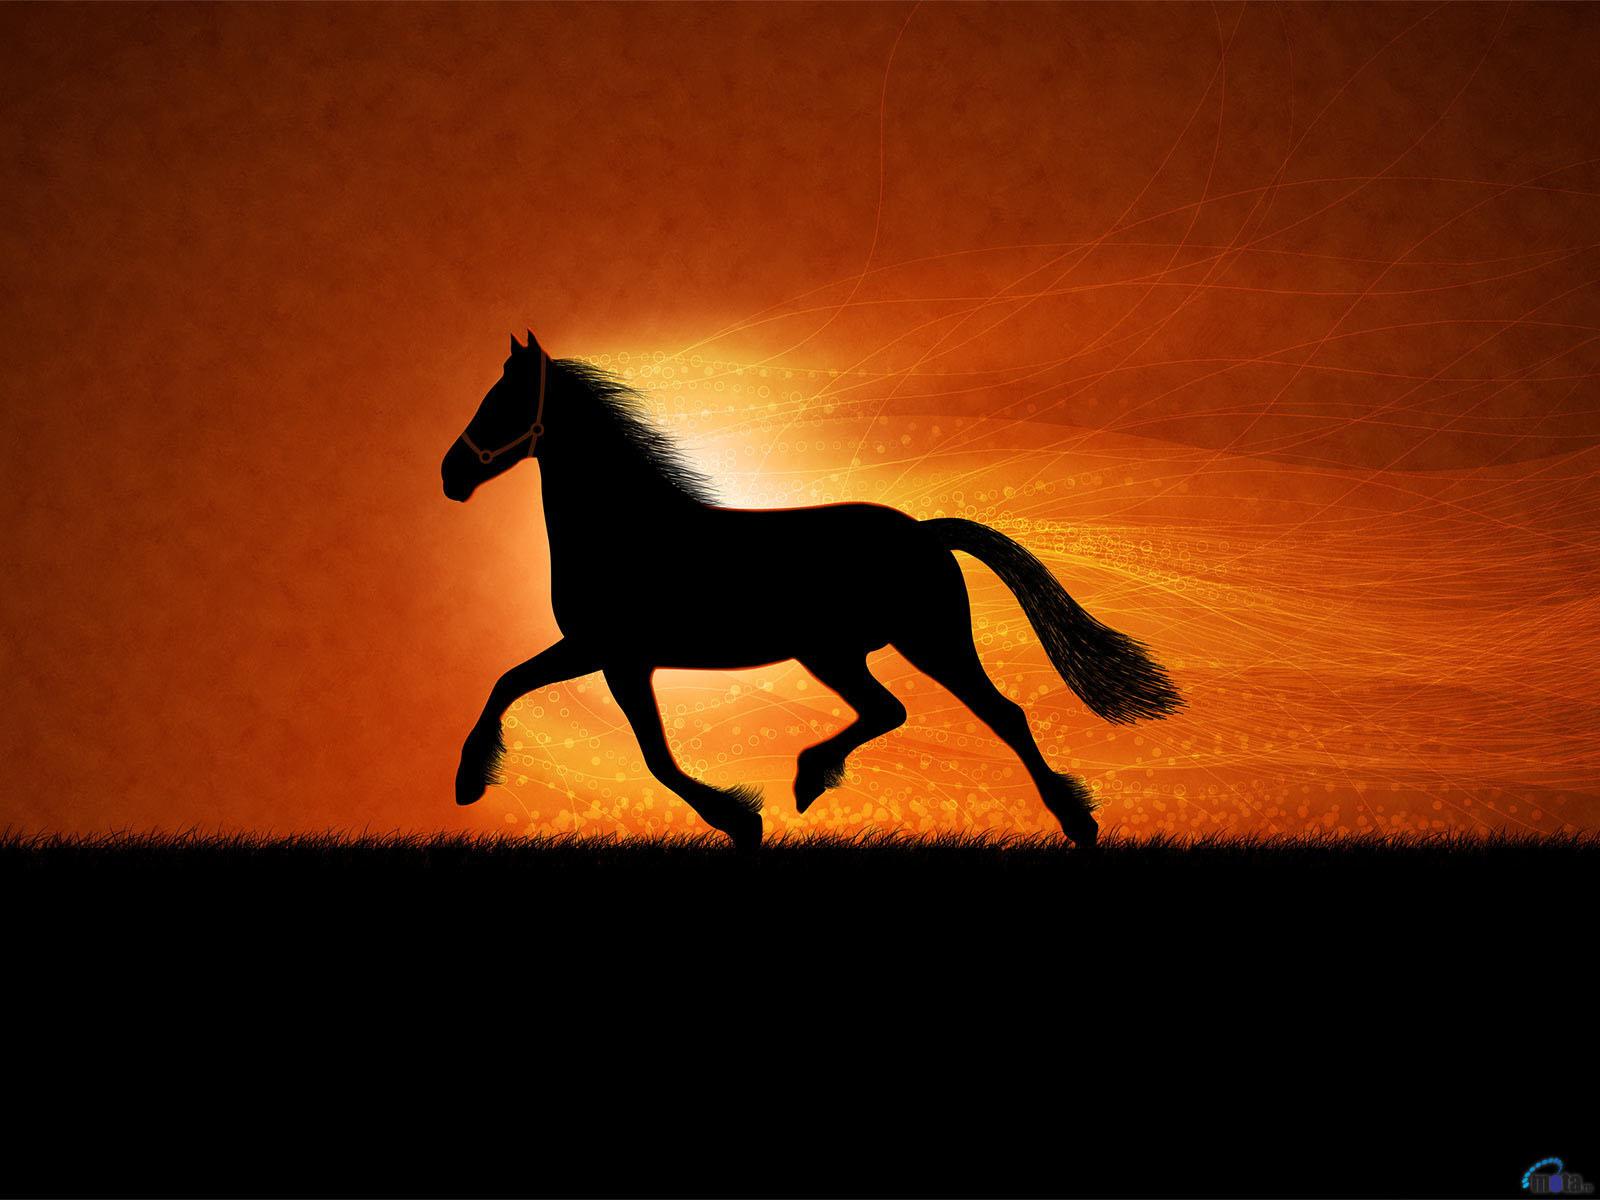 Обои для телефона: лошадь, природа, снег, конь, черный, макро, Зима | 1200x1600